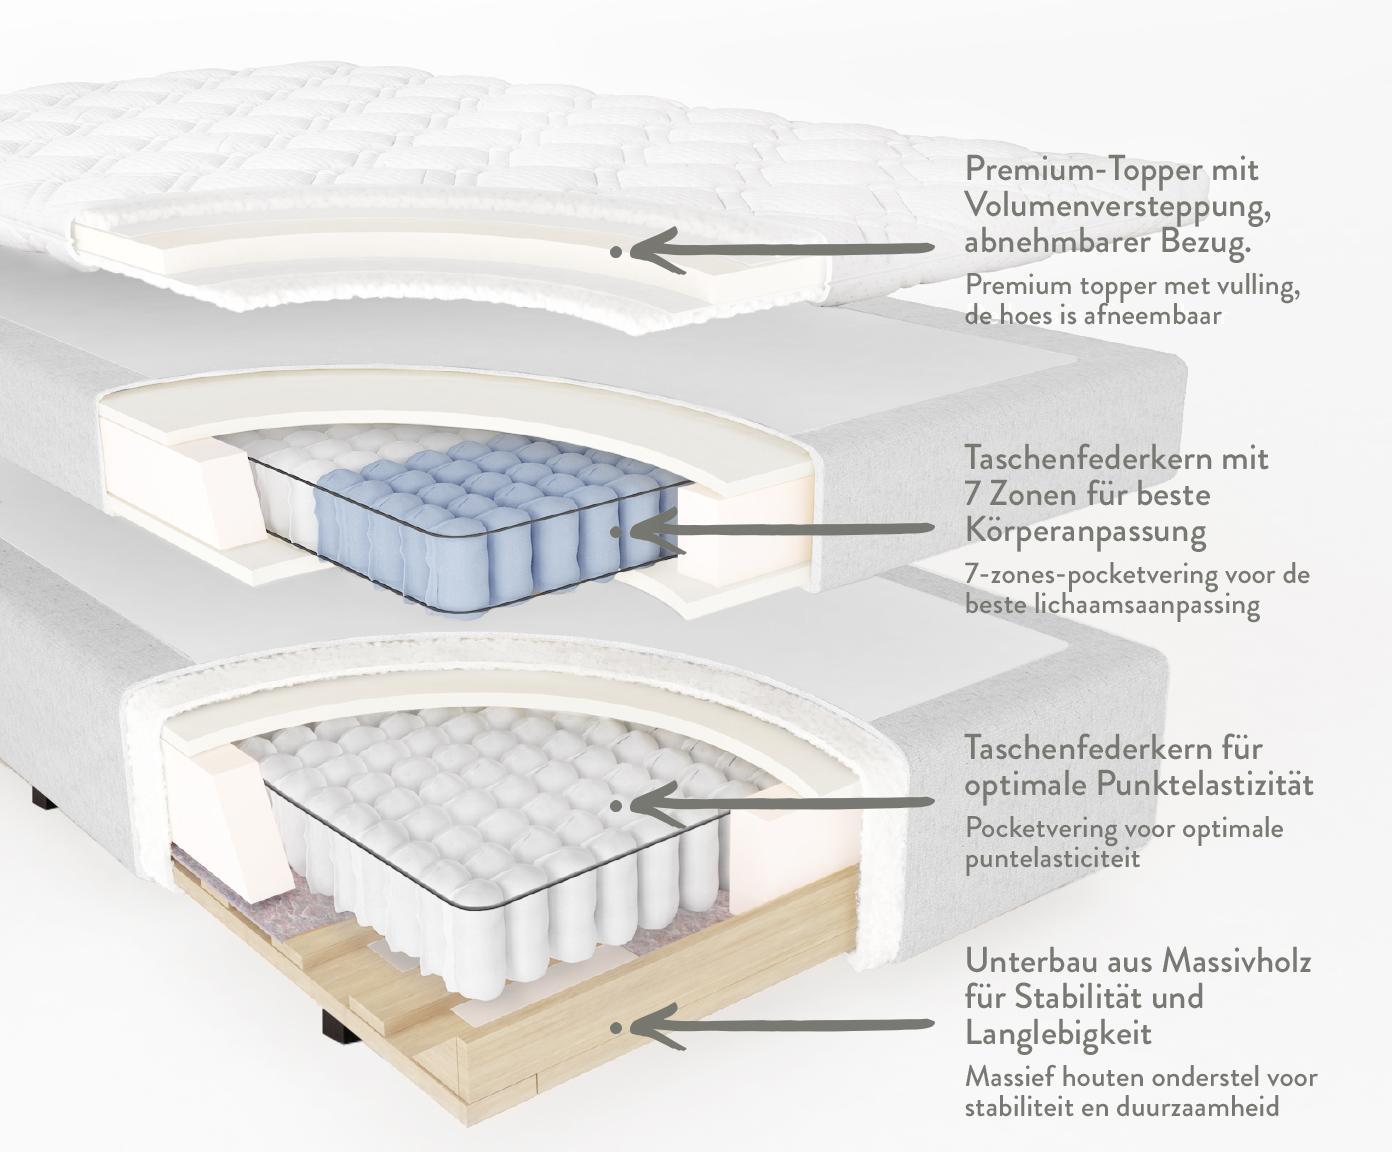 Premium Boxspringbett Phoebe, Matratze: 7-Zonen-Taschenfederkern , Füße: Massives Buchenholz, lack, Altrosa, 140 x 200 cm